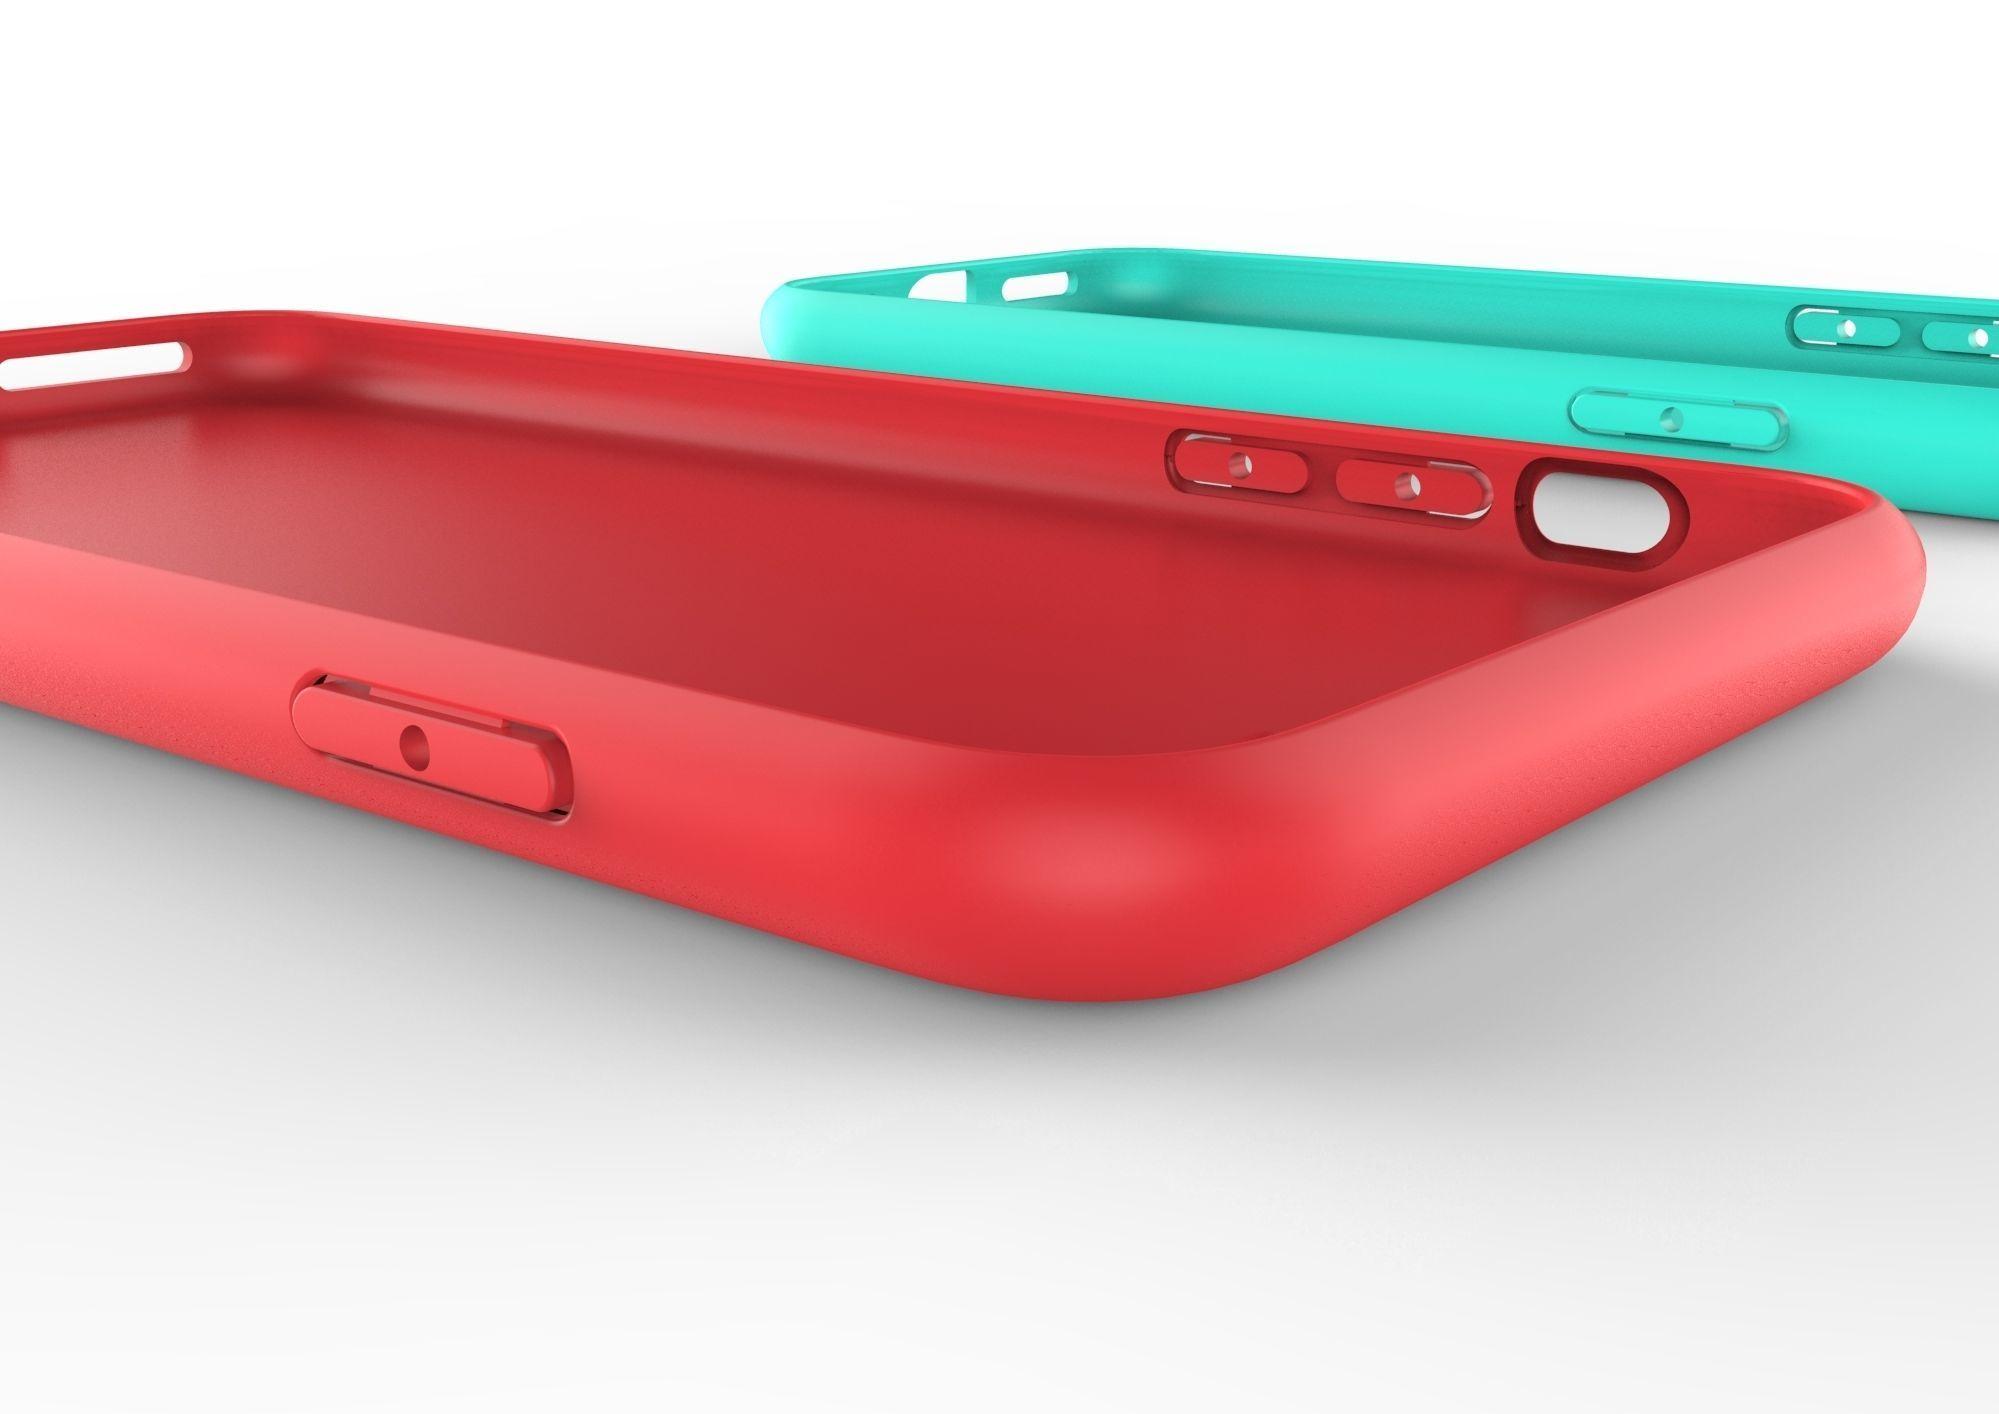 iphone 8 and 8 plus case Original customizable design